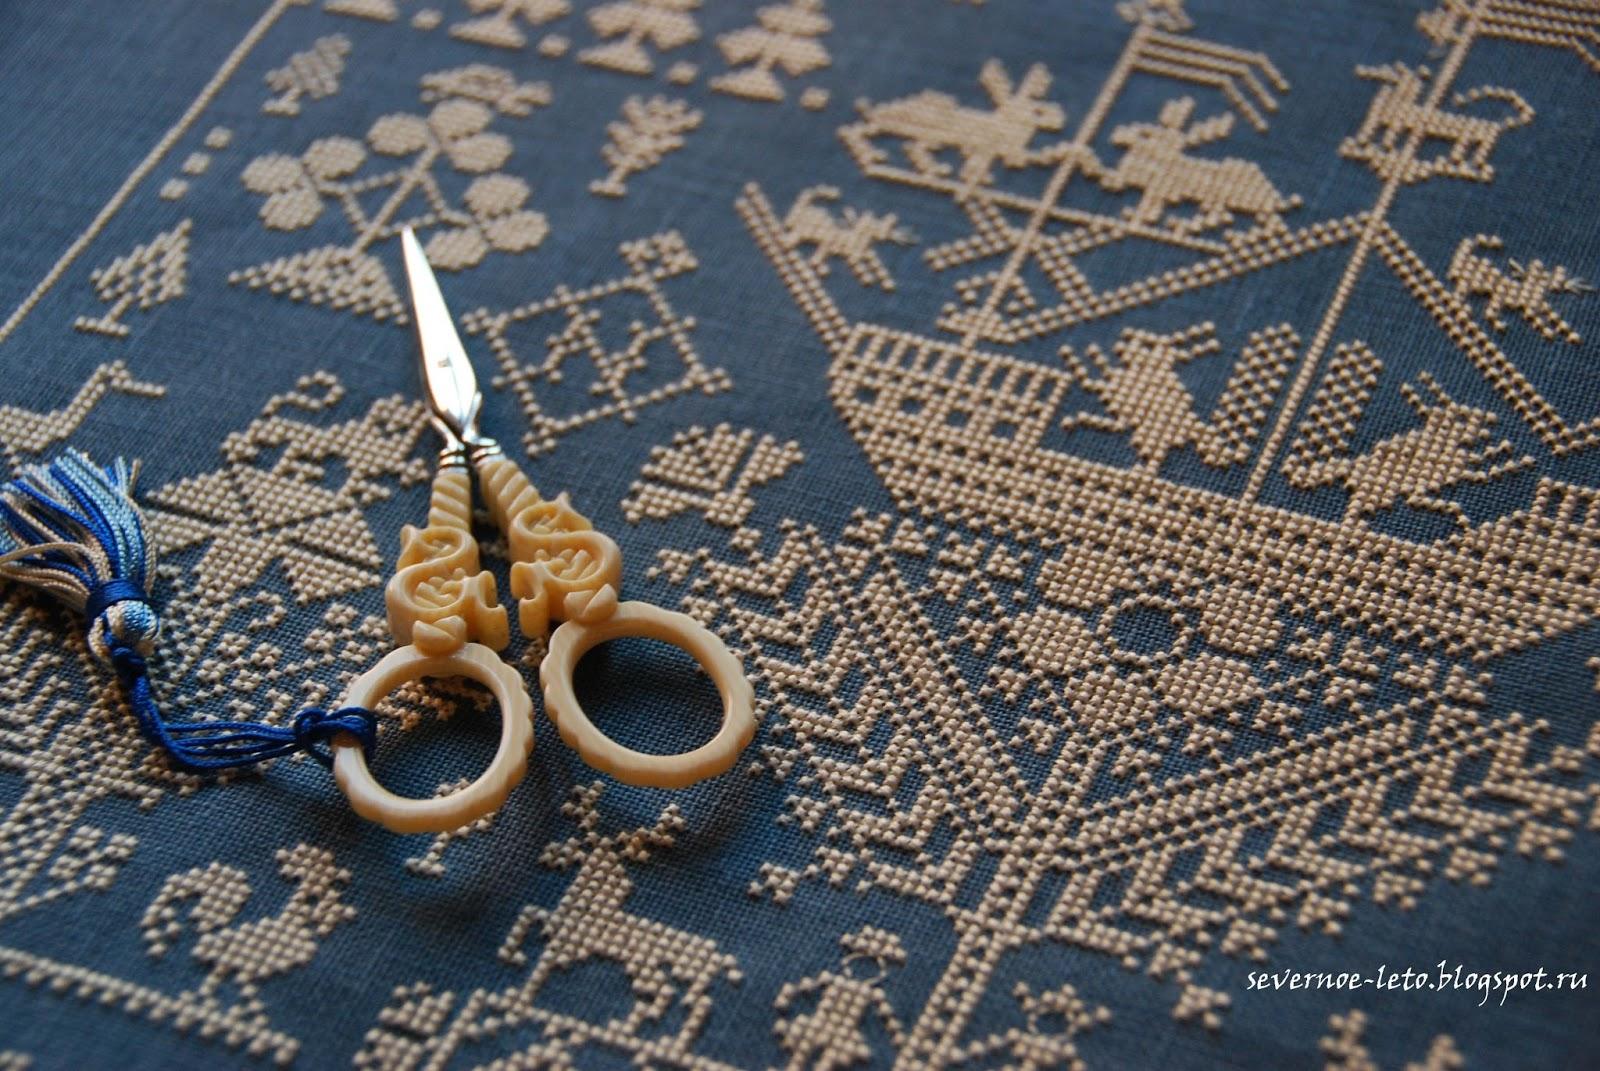 схема для вышивки крестом монохром девушка и единорог